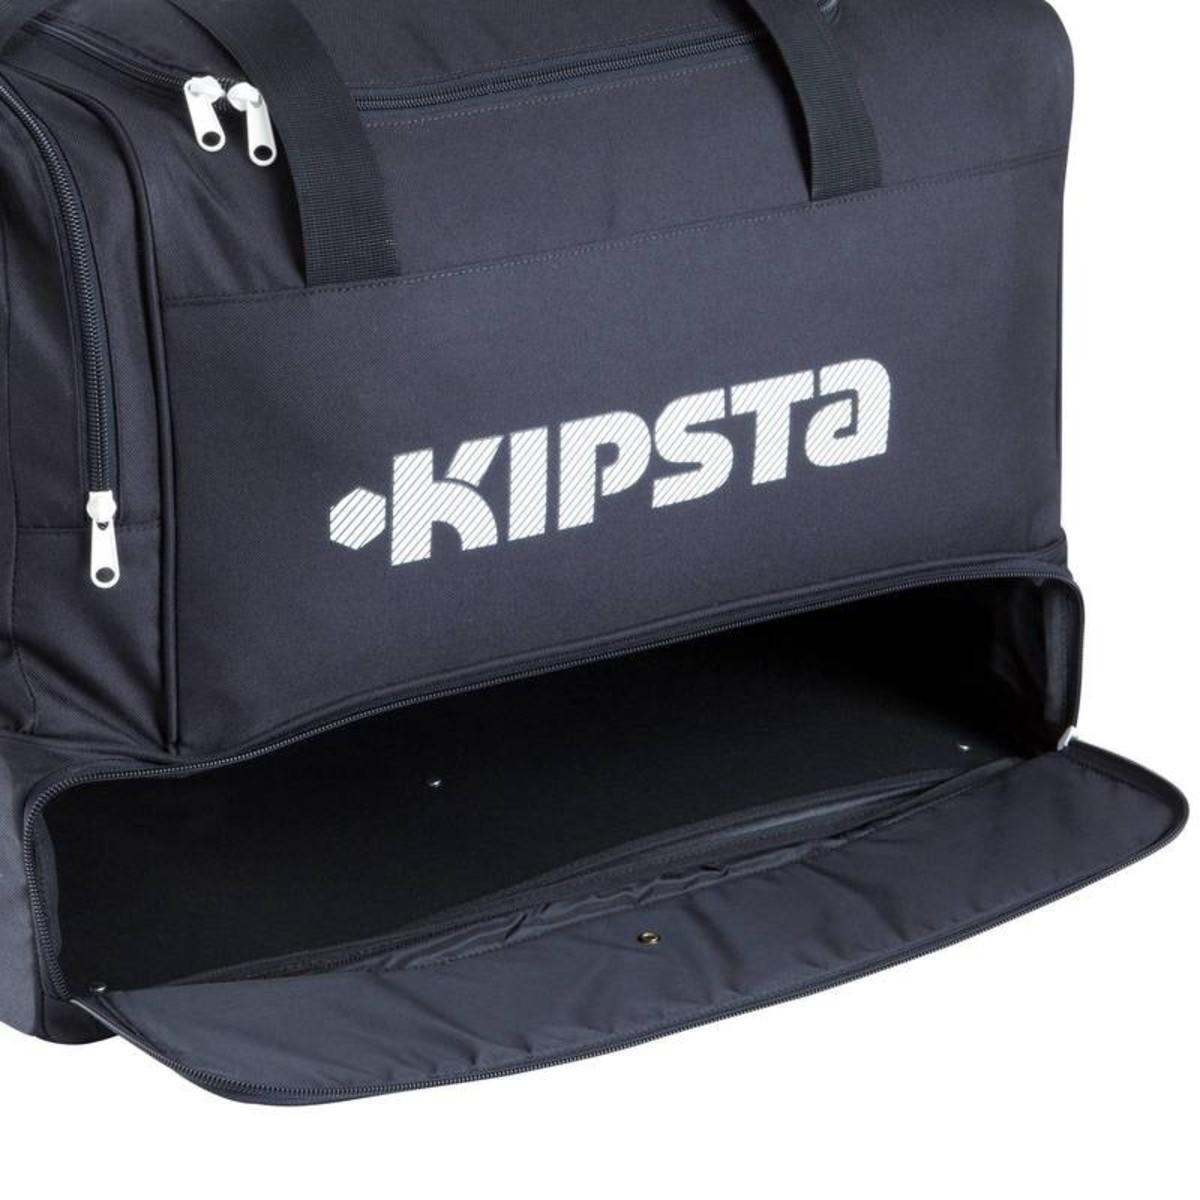 Bild 3 von KIPSTA Sporttasche Hardcase 60 Liter schwarz, Größe: Einheitsgröße